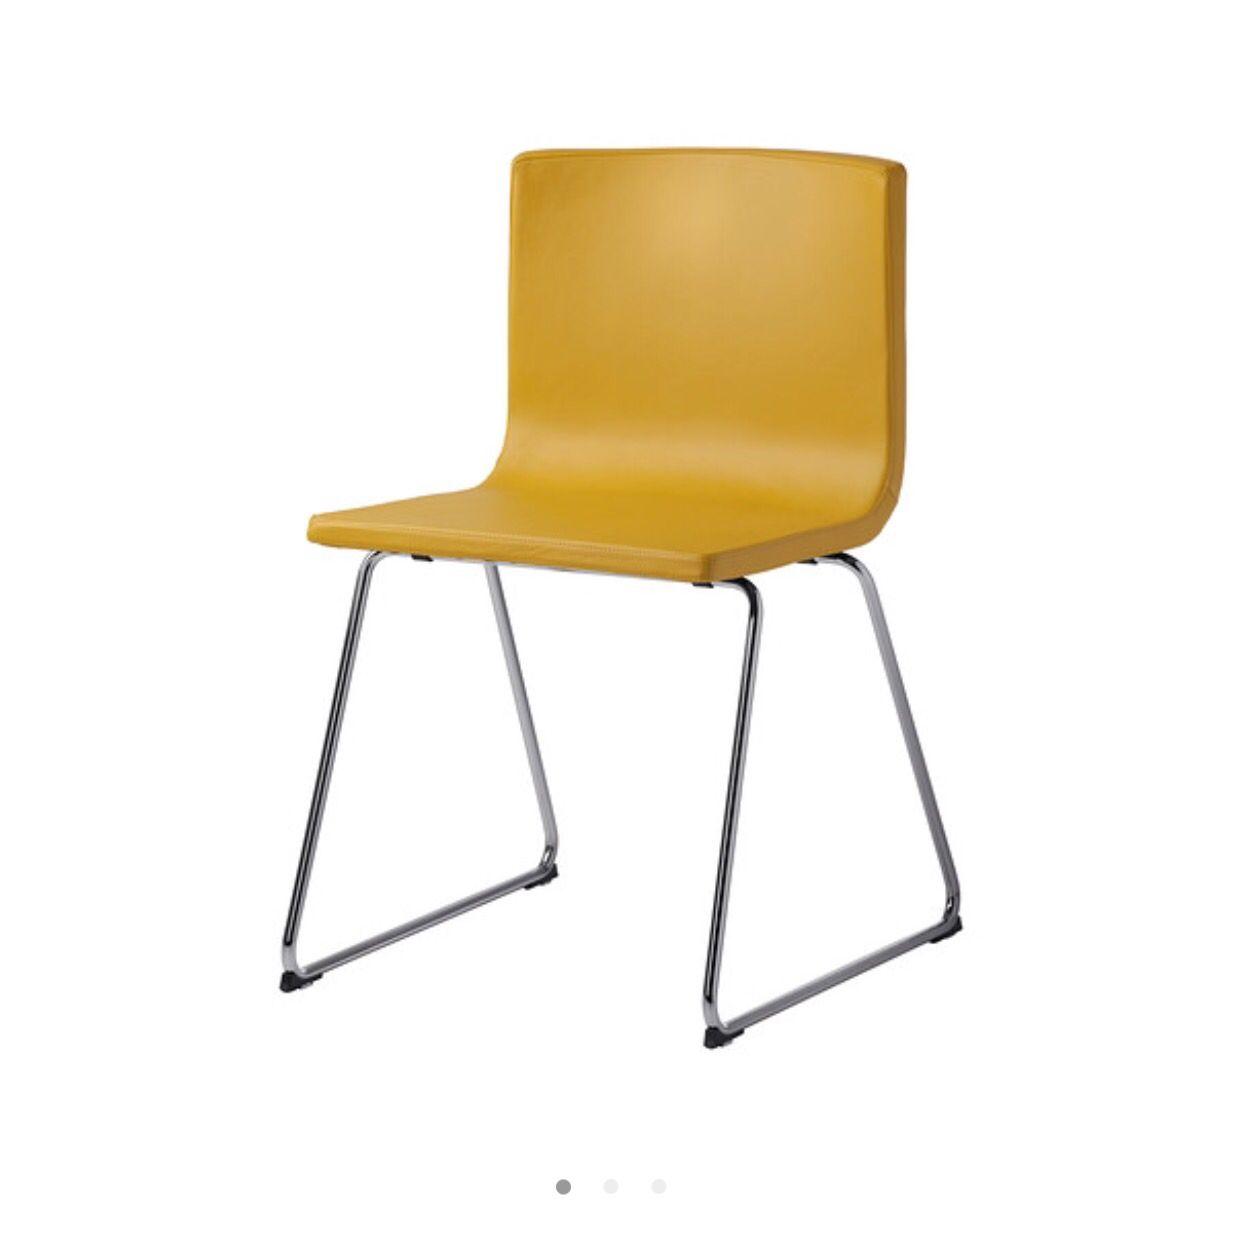 Yellow Leather Dining Chair 100 Ikea Klappstol Ikea Stol